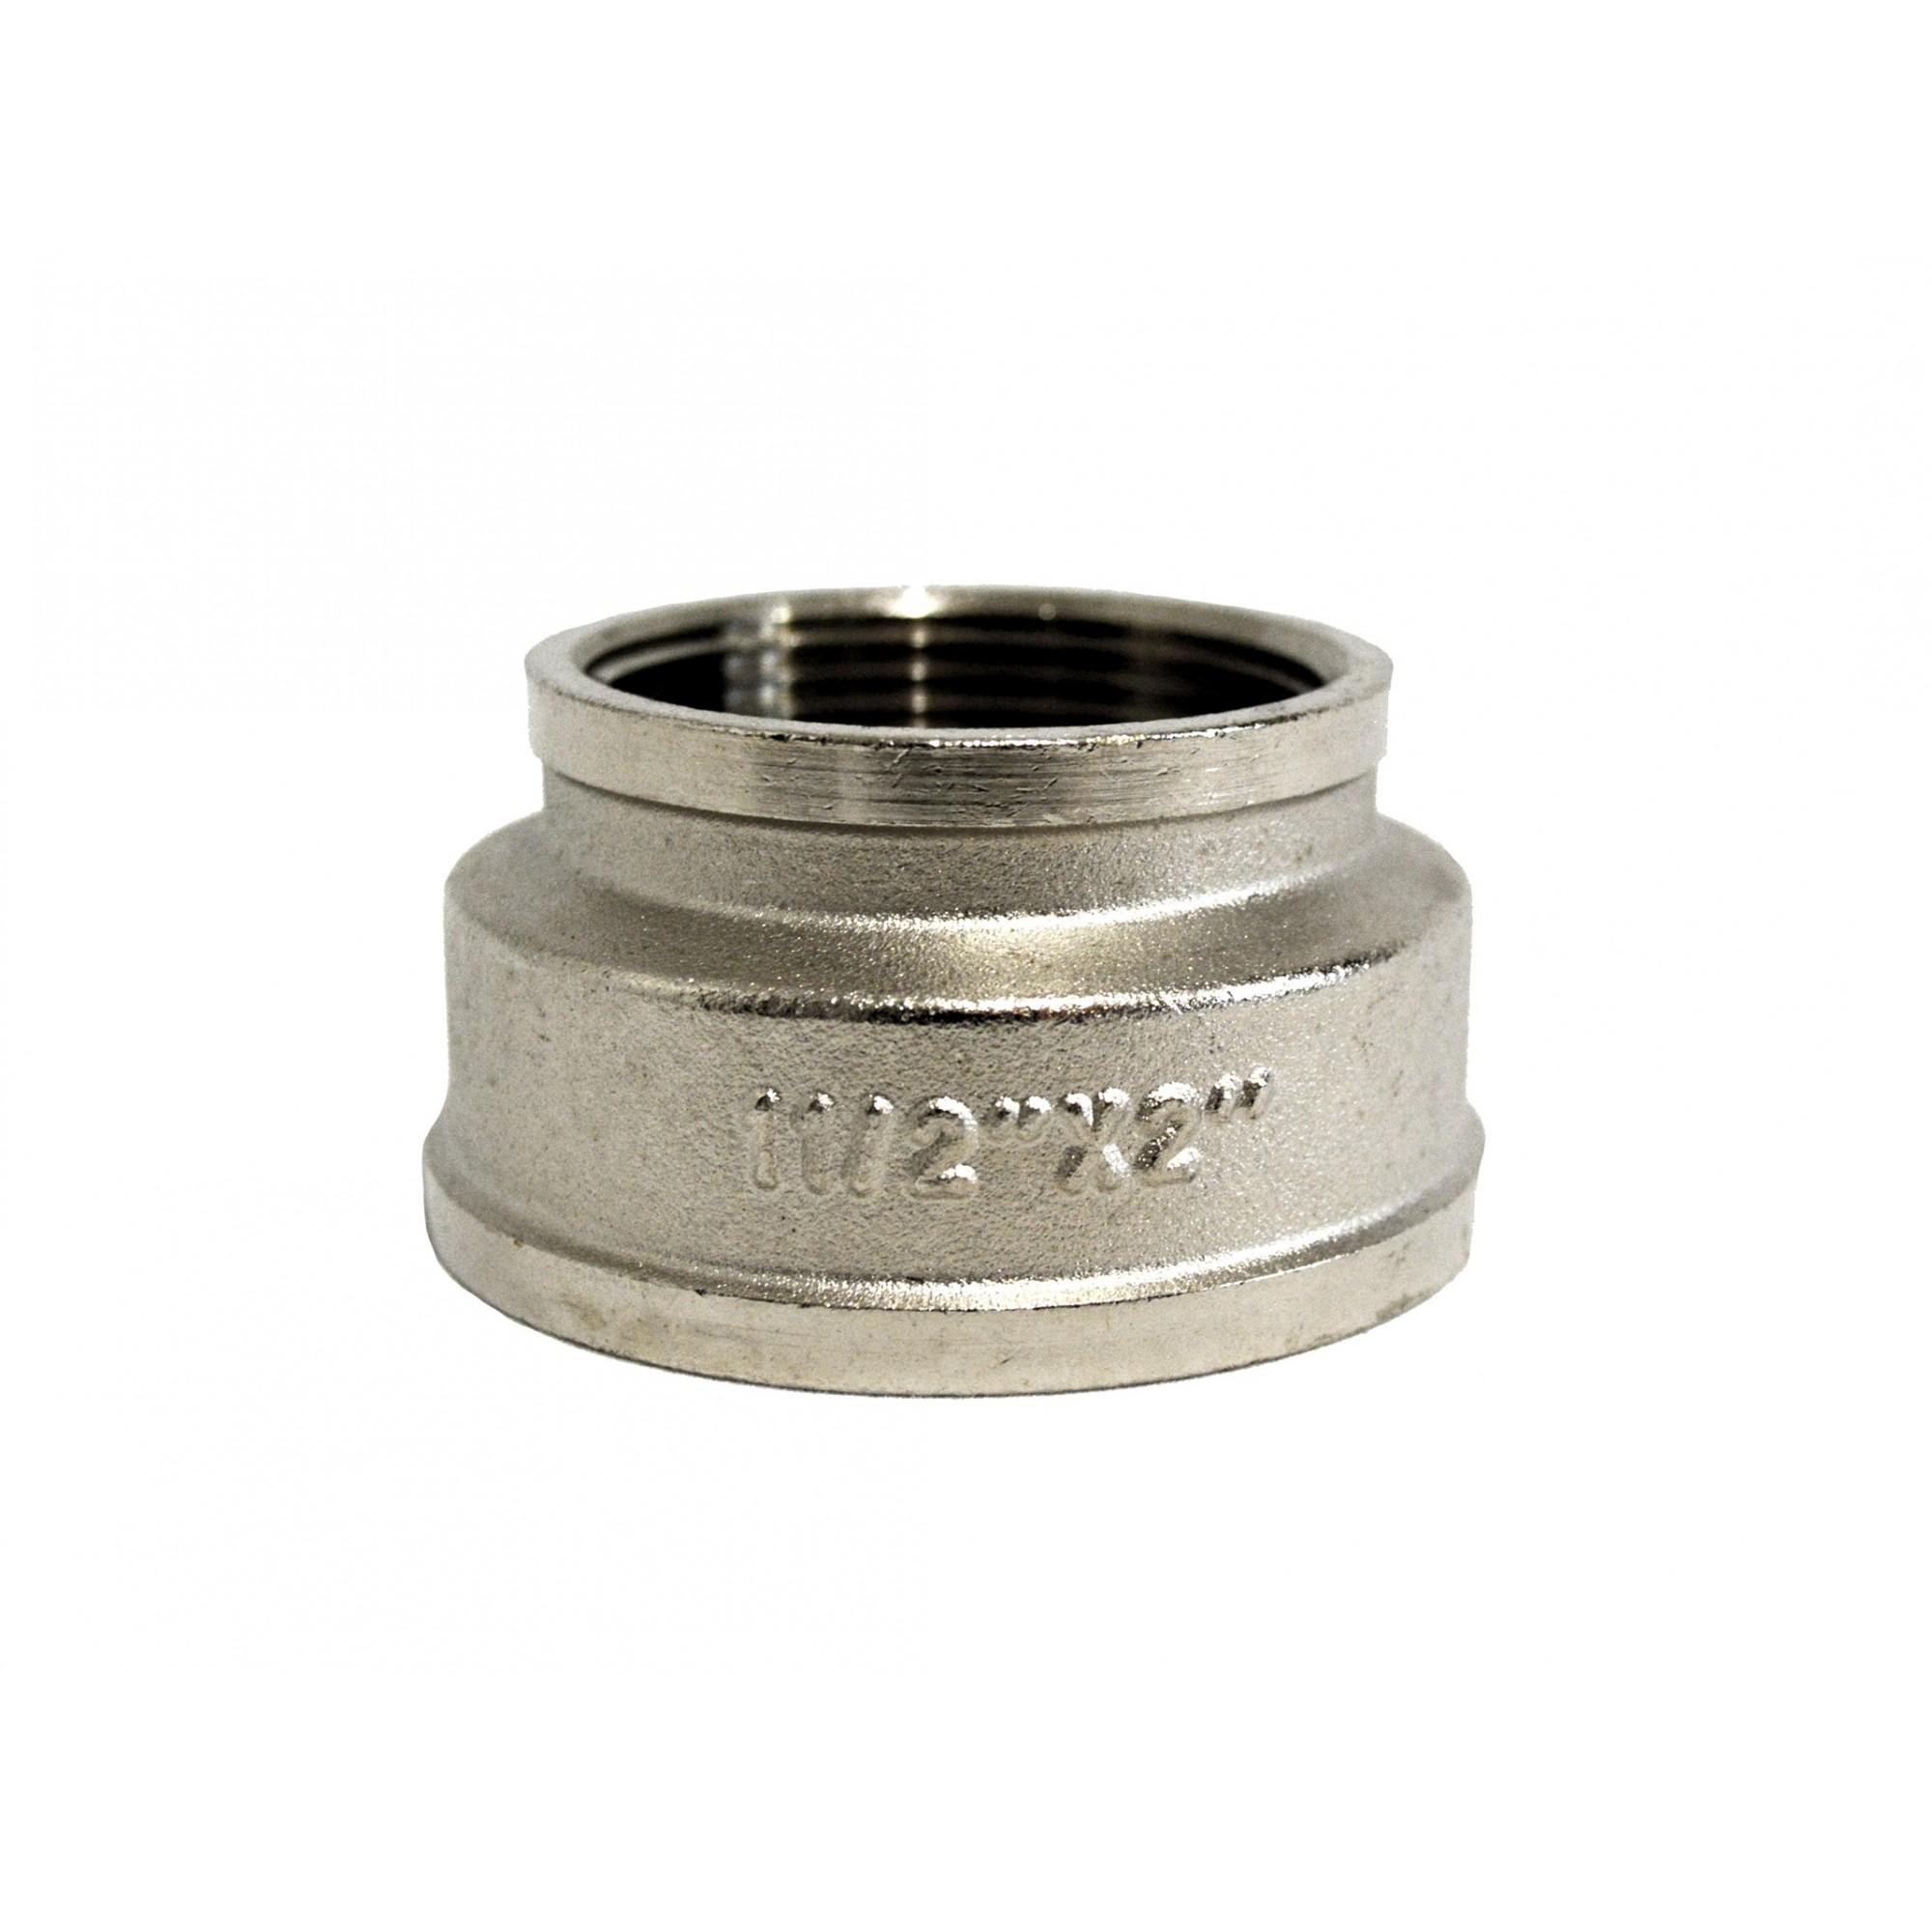 Муфта 2в*1 1/2в никелированная ANGO ANGO - 1